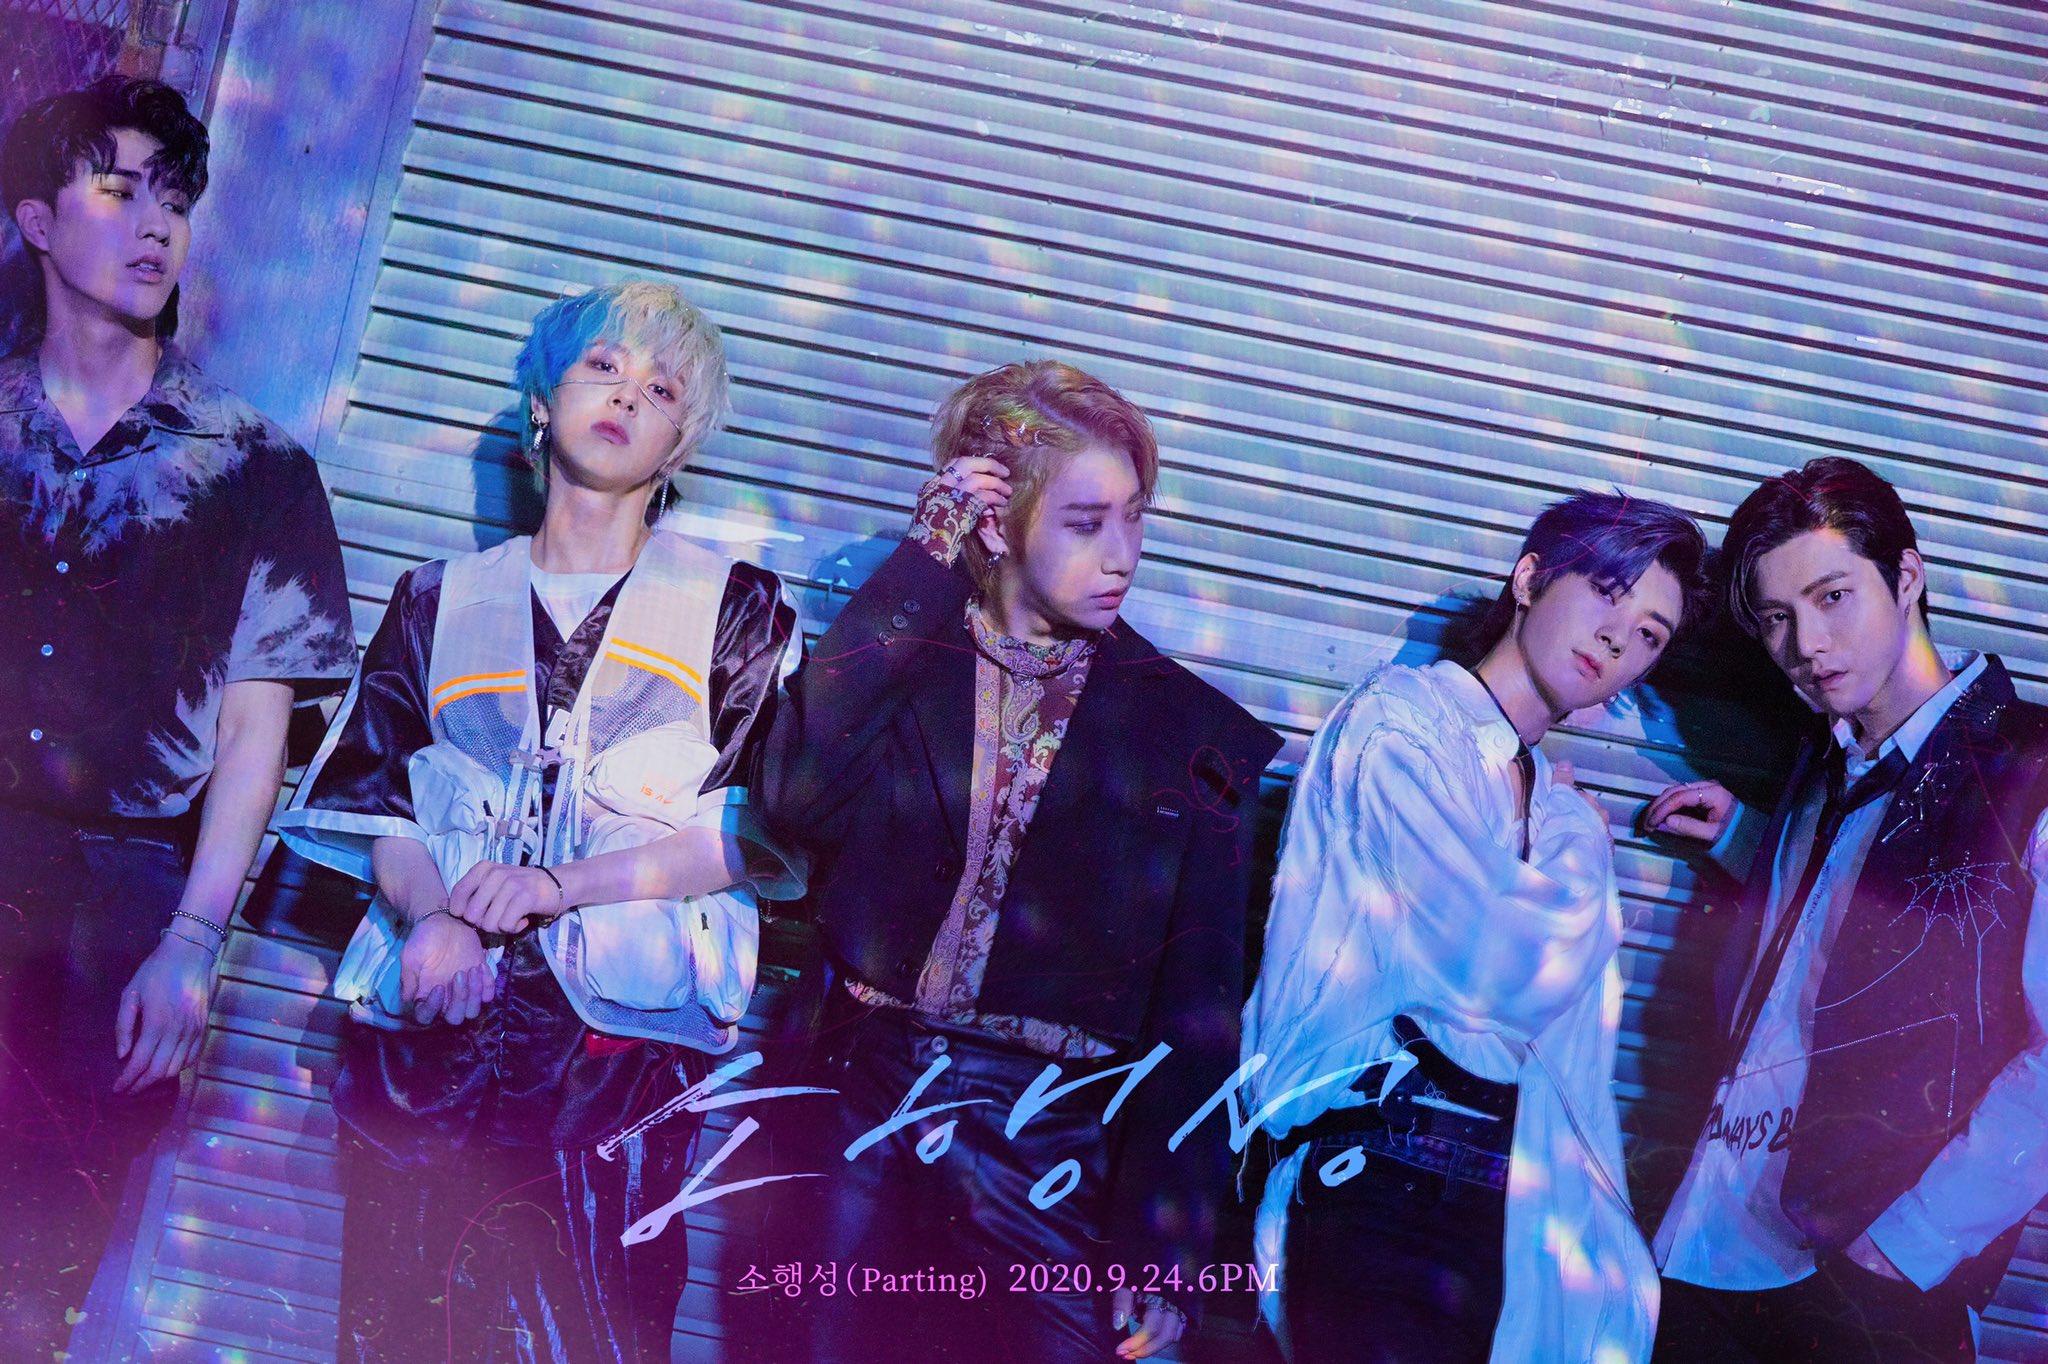 24일(목), 원위(ONEWE) 새 앨범 '소행성 (Parting)' 발매 | 인스티즈